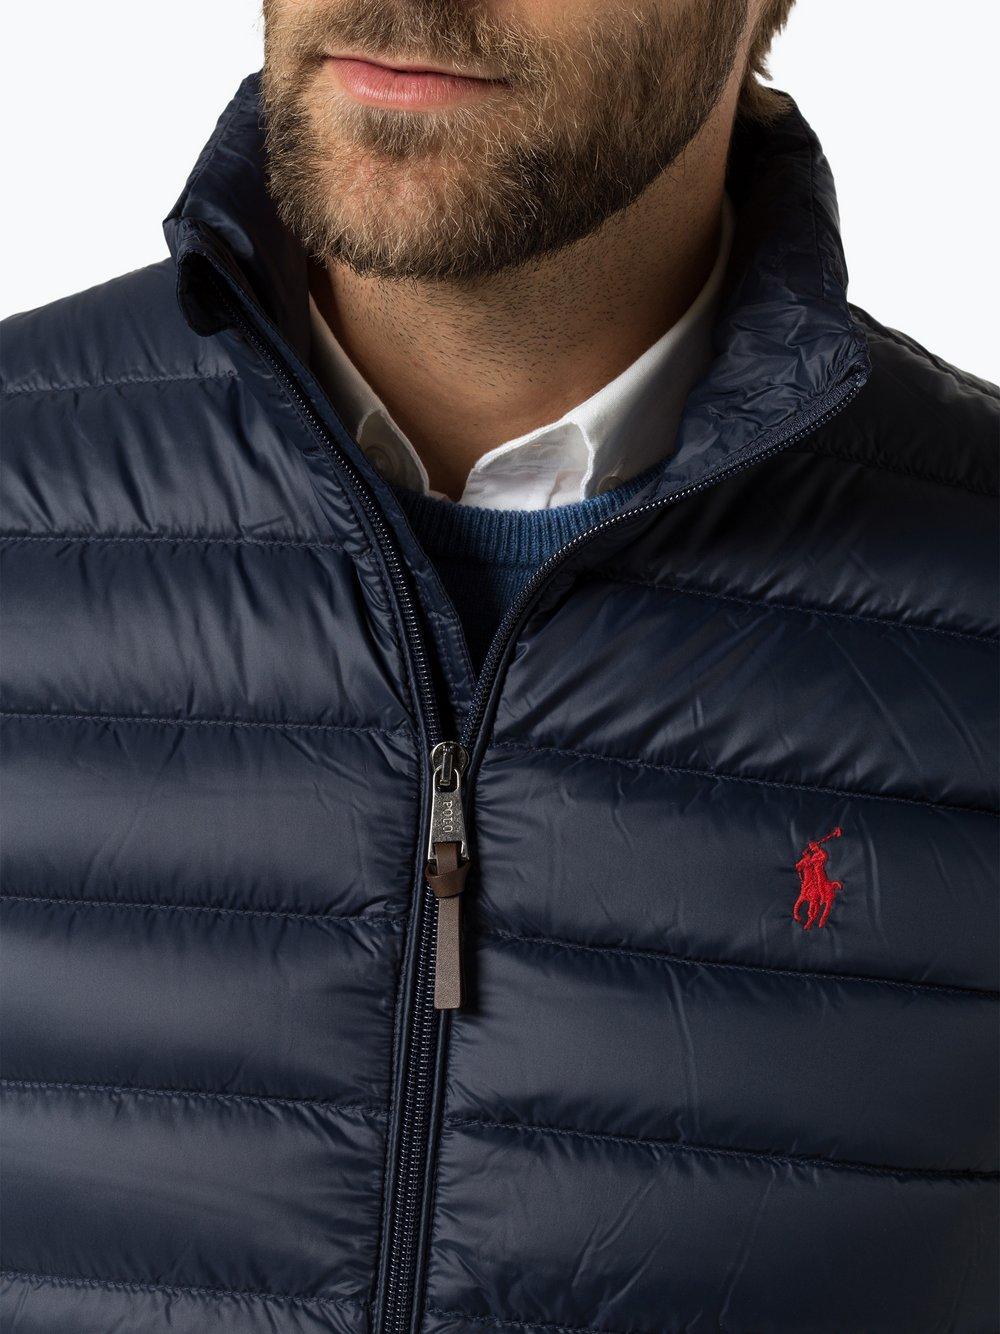 marktfähig neueste Kollektion neue angebote Polo Ralph Lauren Herren Daunenweste online kaufen | PEEK ...